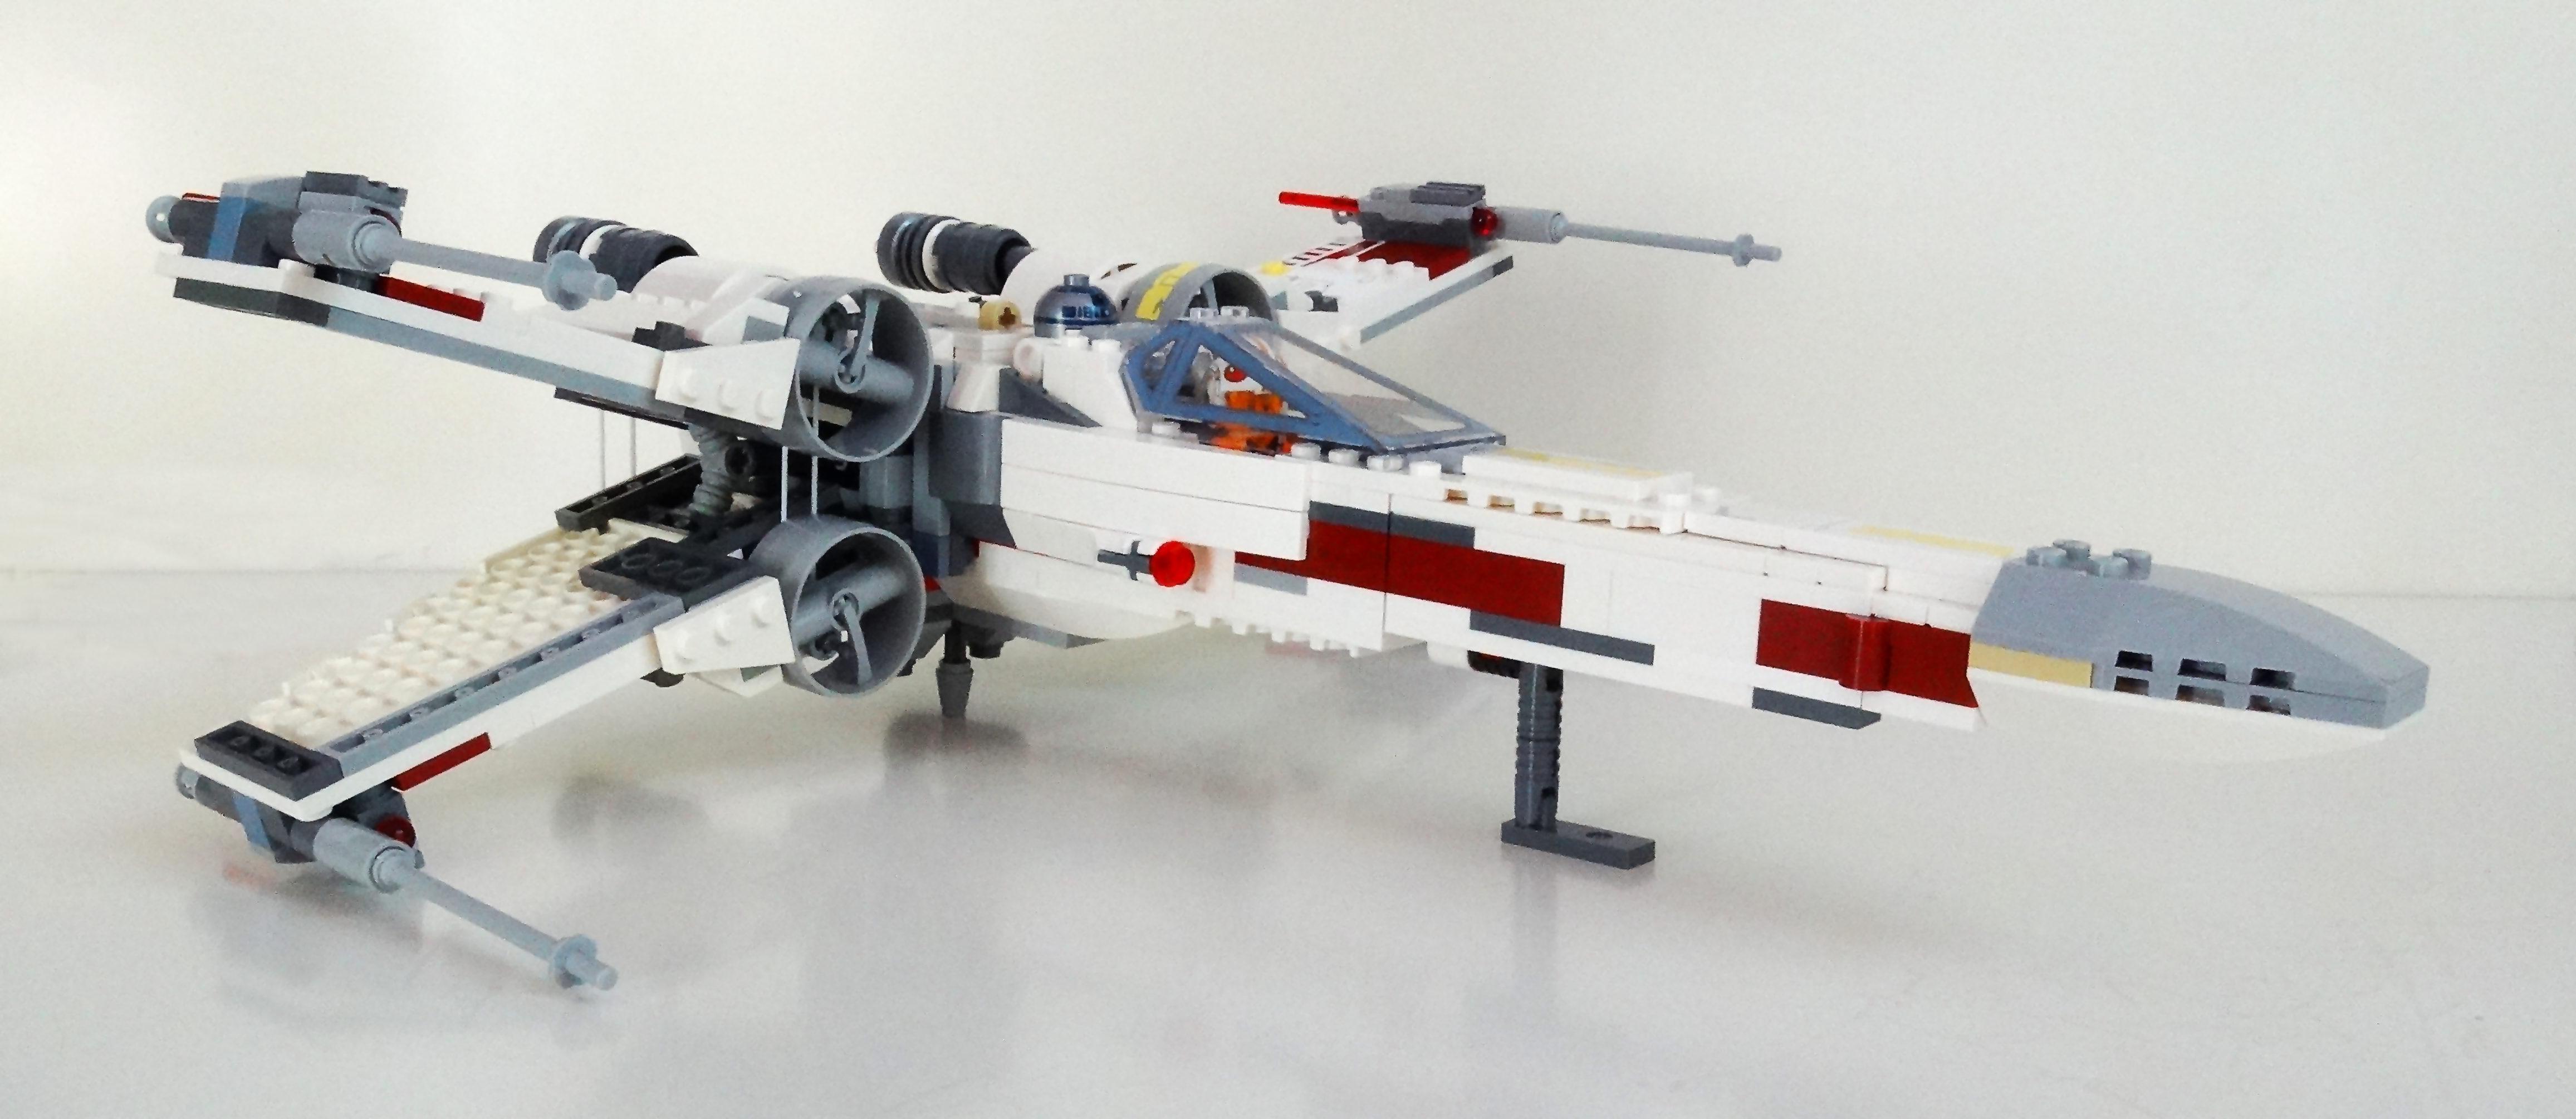 LEGO X-Wing 75218 schräg von der Seite mit geöffneten Flügeln.